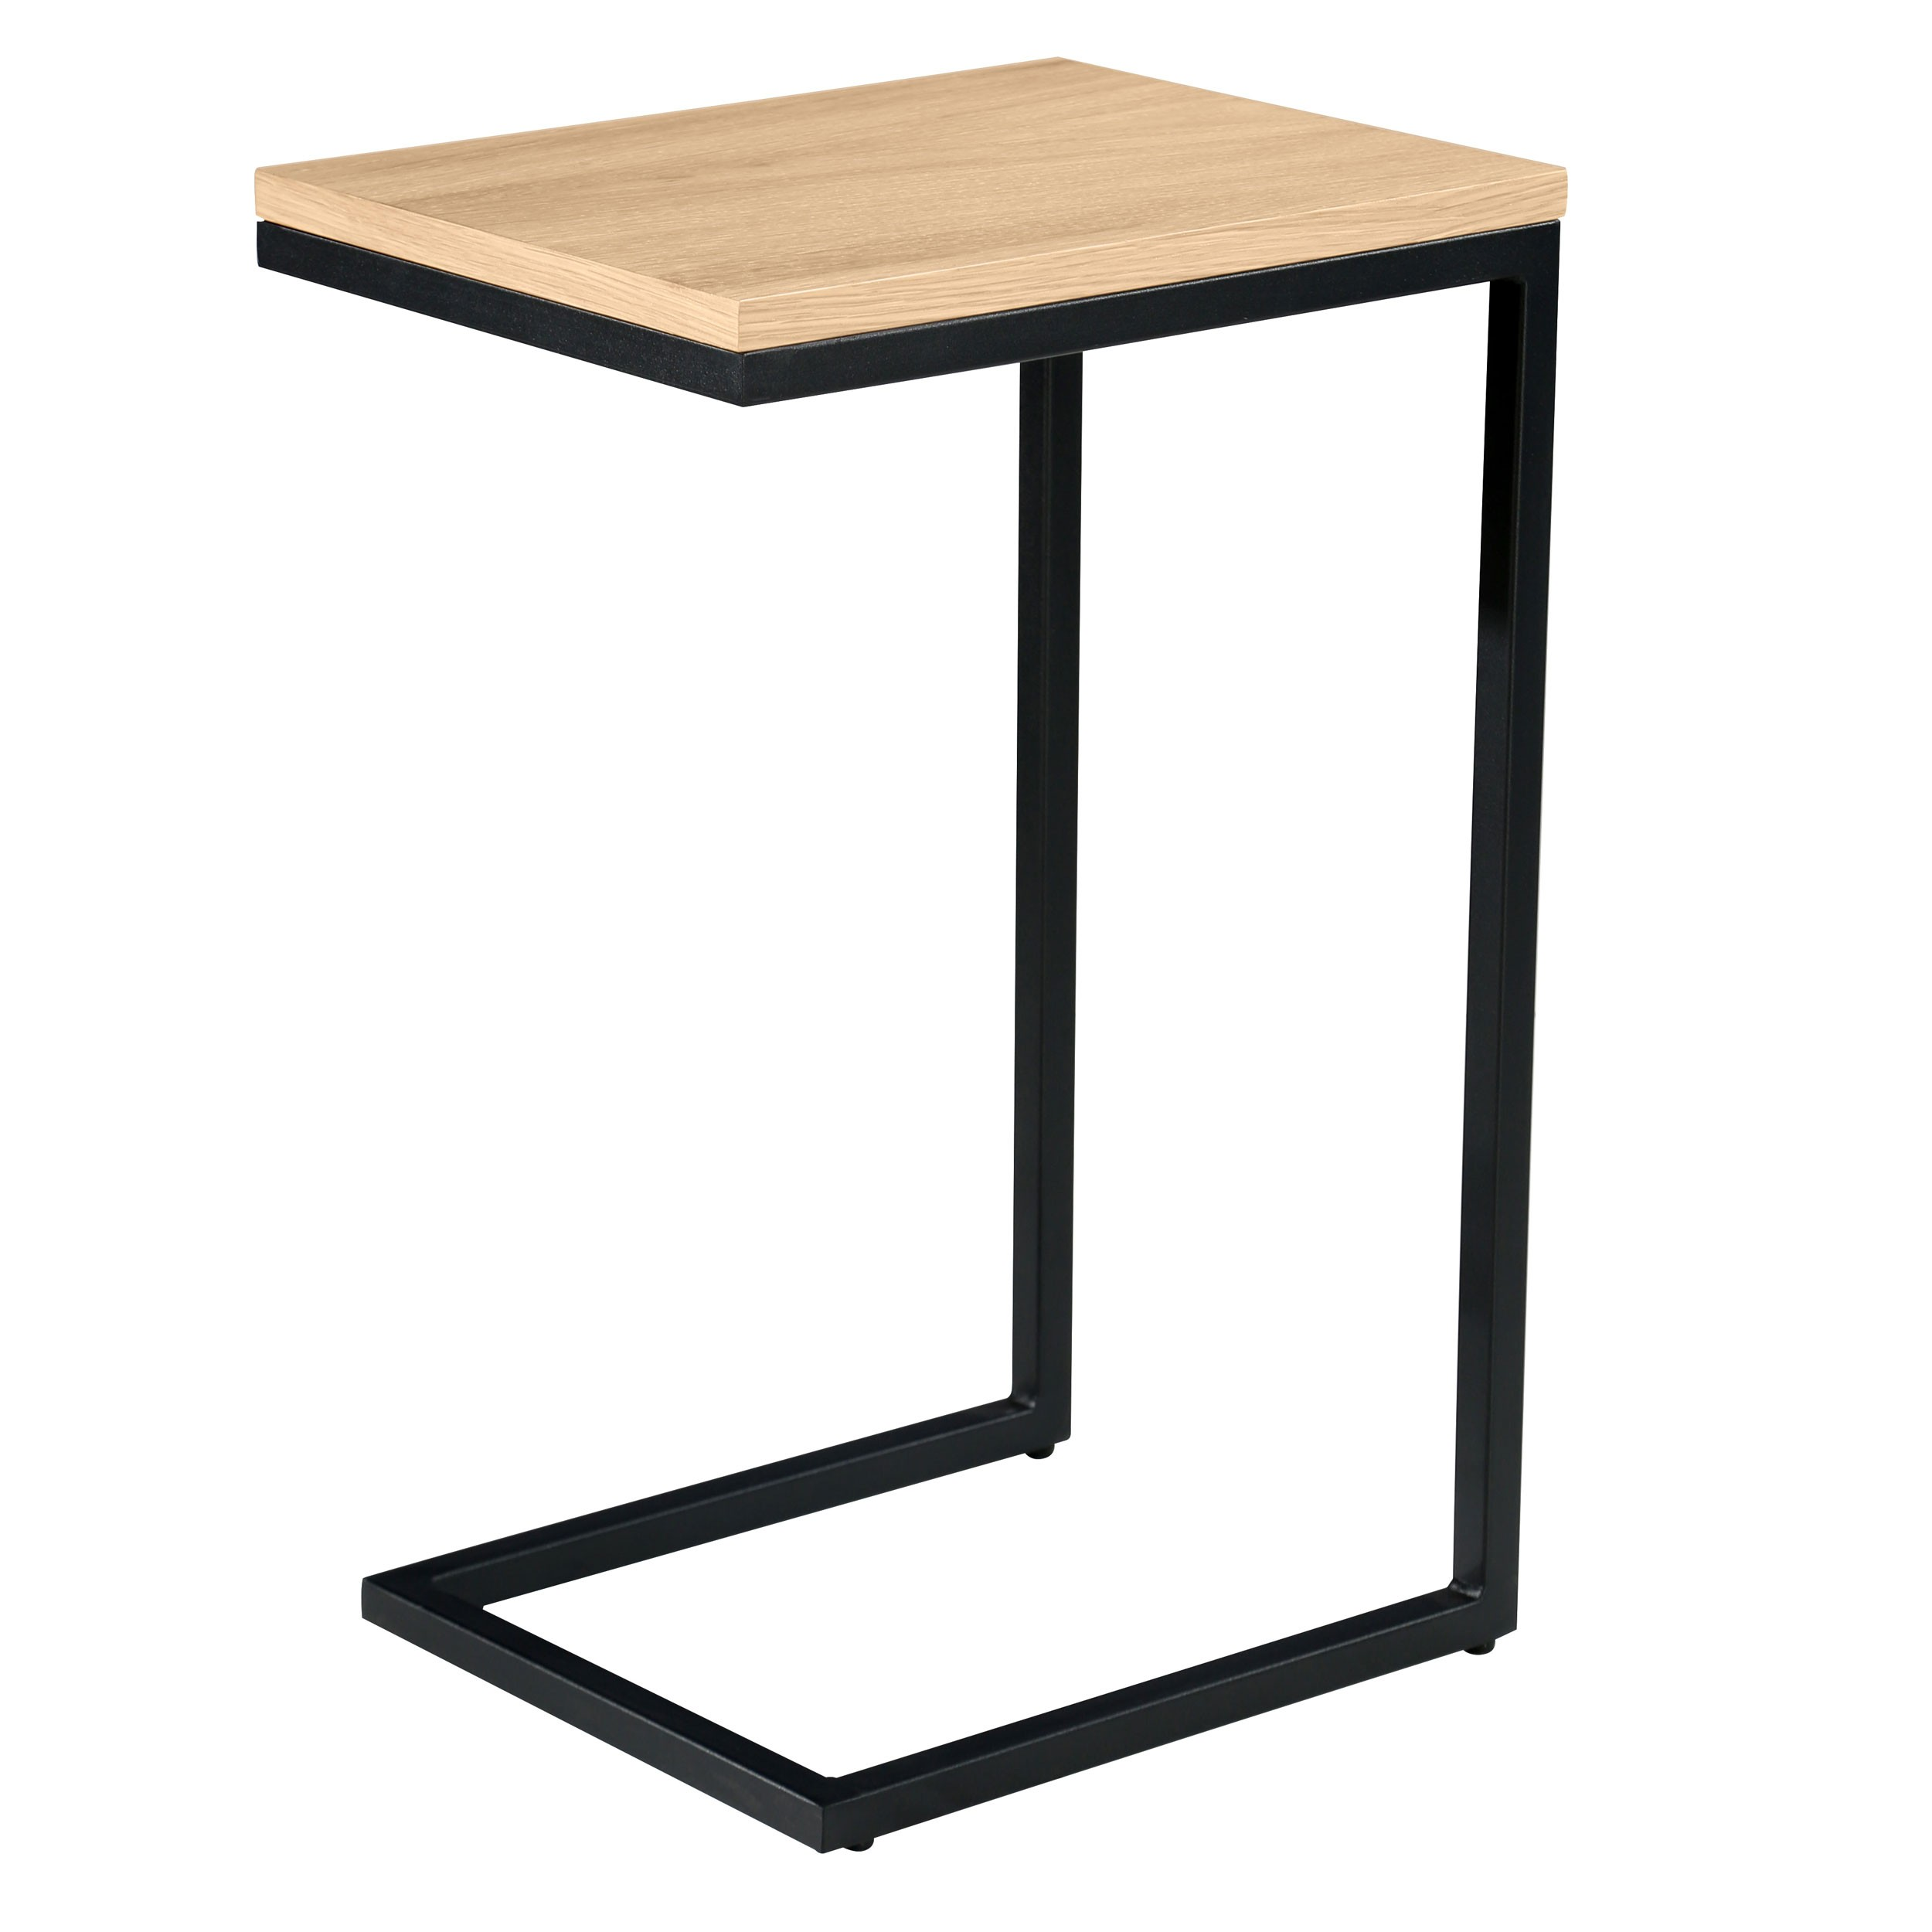 table d 39 appoint carr e kavu achetez les tables d 39 appoint carr es kavu design rdv d co. Black Bedroom Furniture Sets. Home Design Ideas